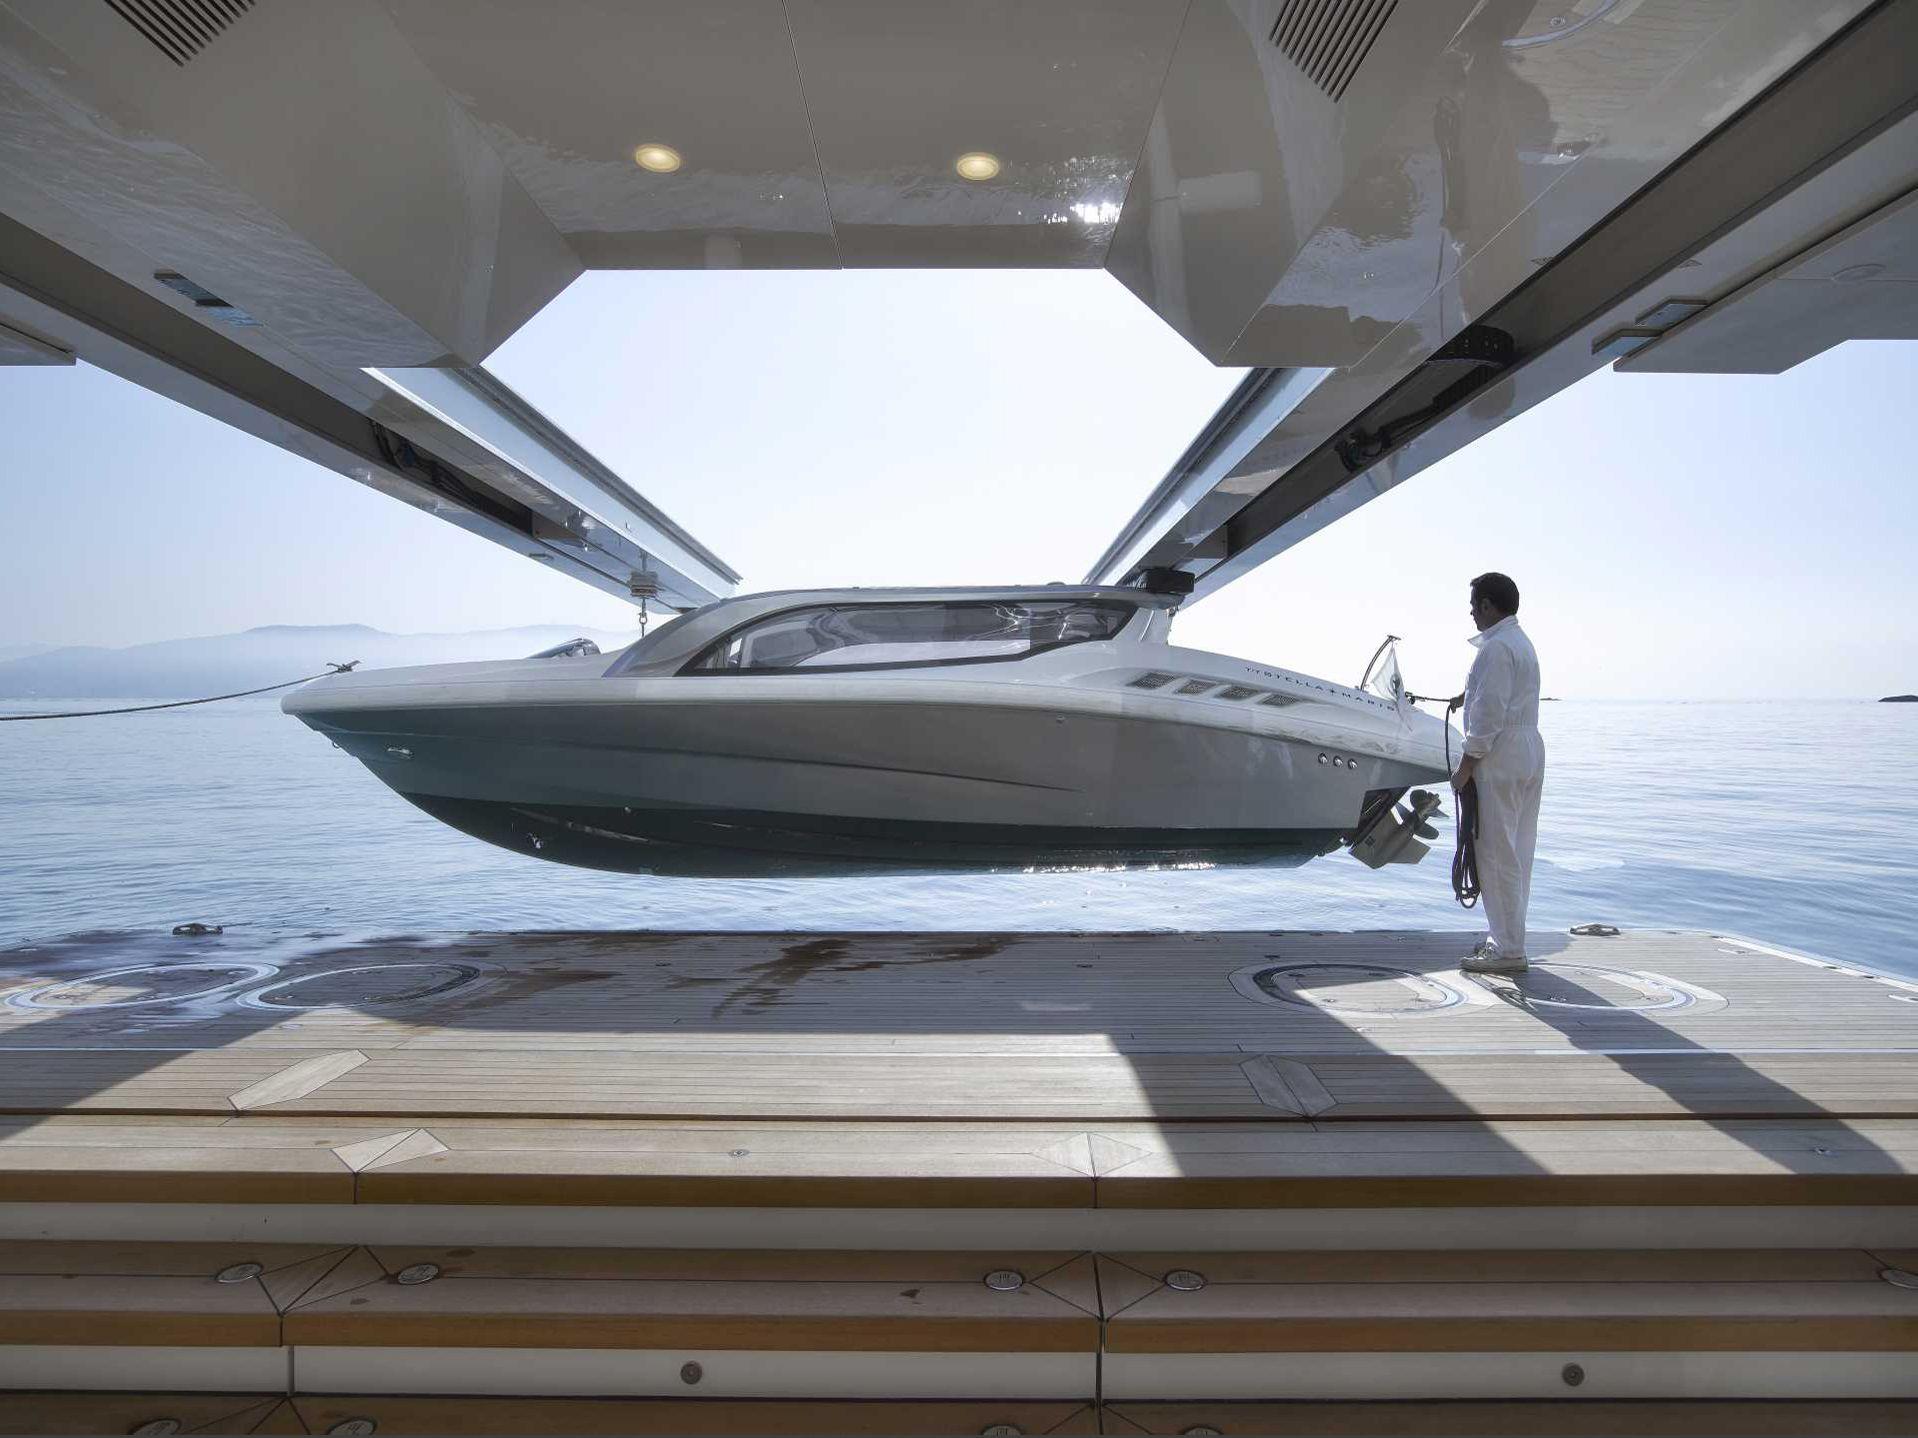 Superyacht Stella Maris Tender Garage Crane Naval Architecture By Laurent Giles Ltd Architecture Stella Naval